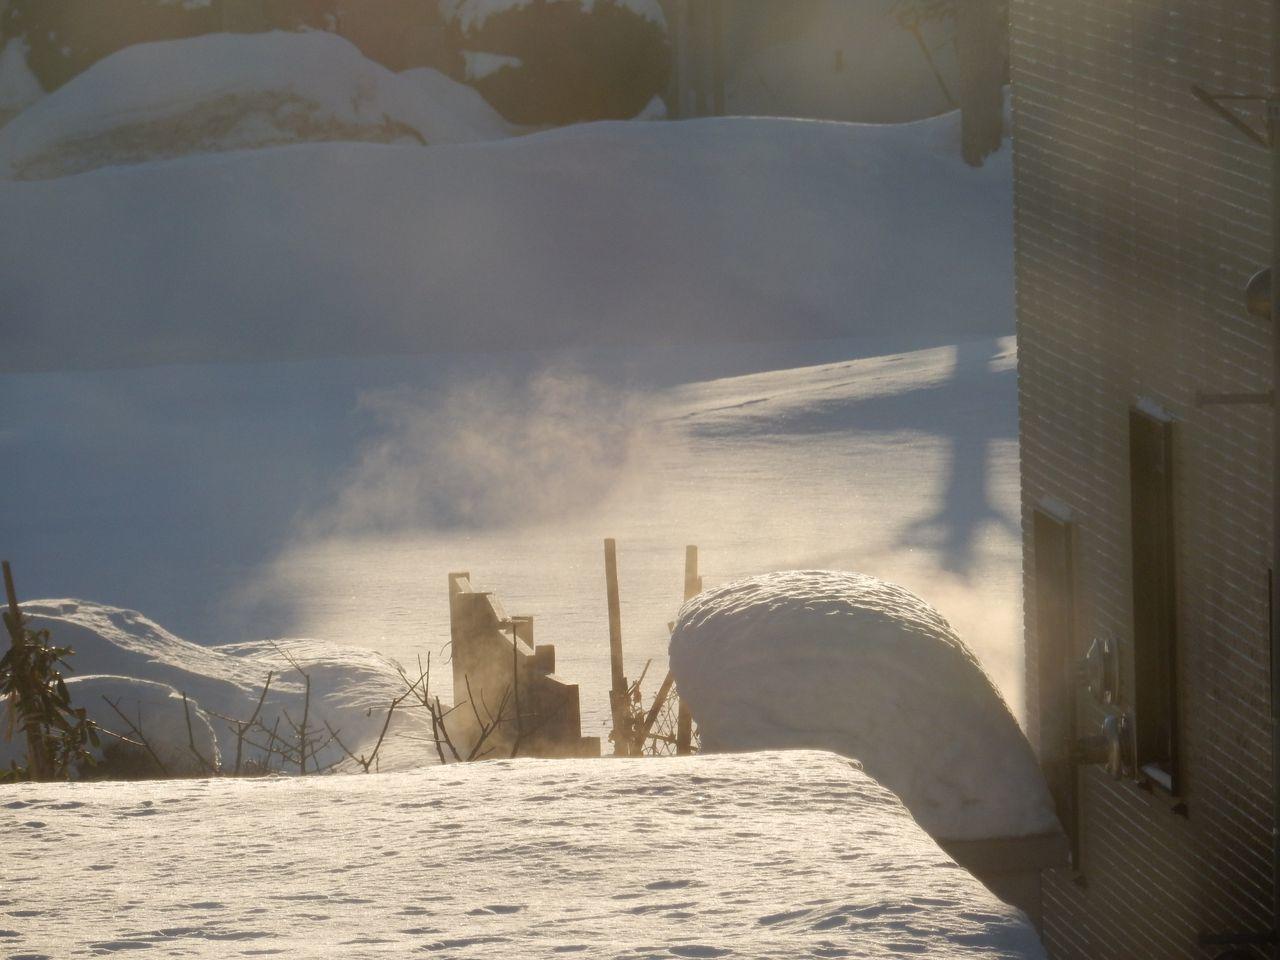 何度目の「この冬一番の寒さ」だろう_c0025115_20462406.jpg